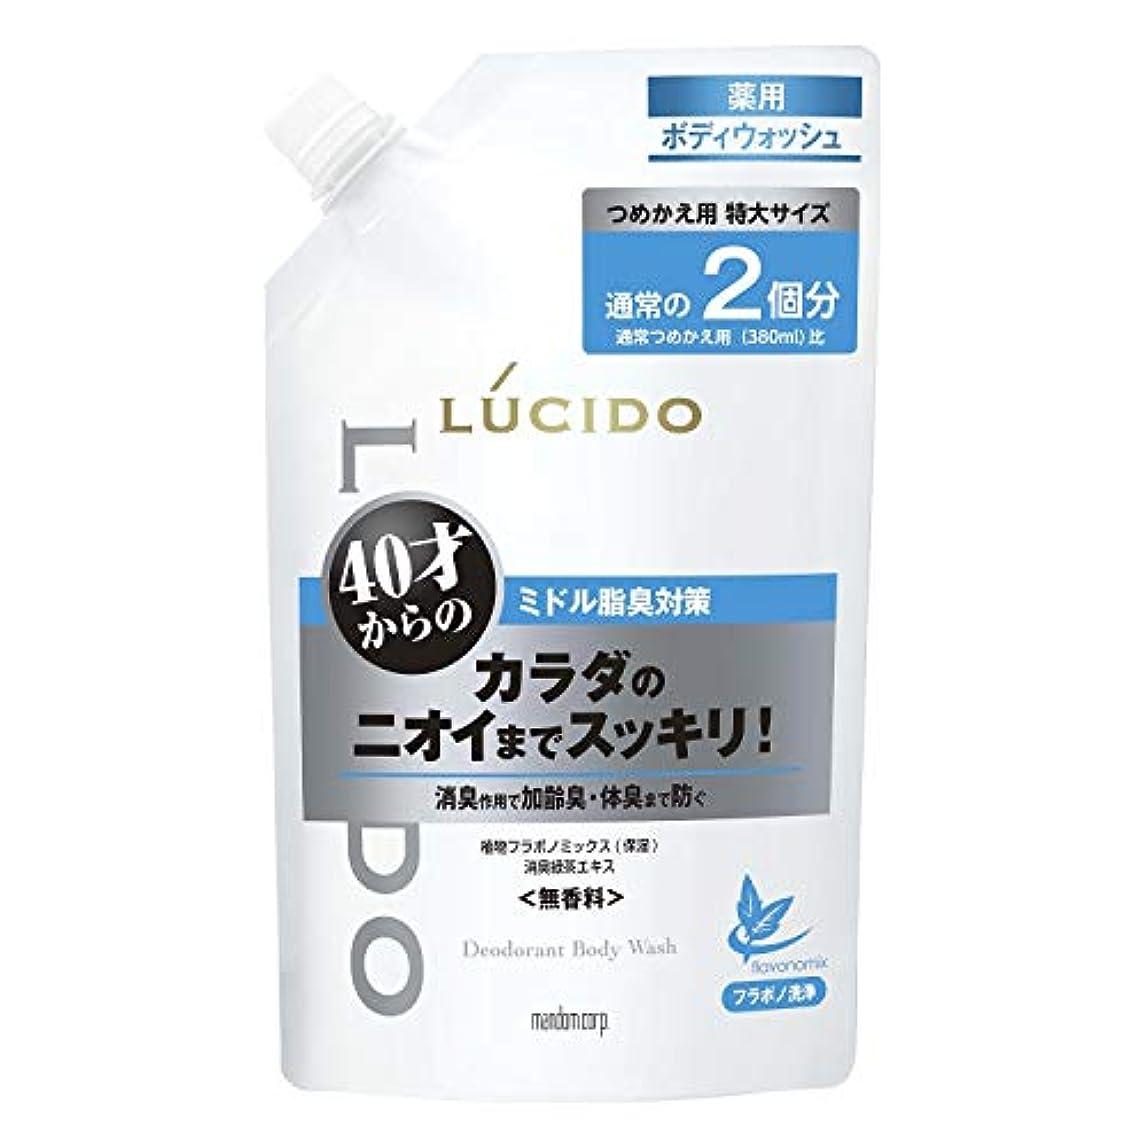 同意慣れているネックレスルシード (LUCIDO) 薬用デオドラントボディウォッシュ 詰め替え 大容量 760ml 加齢臭対策 メンズ 男性用 ボディソープ